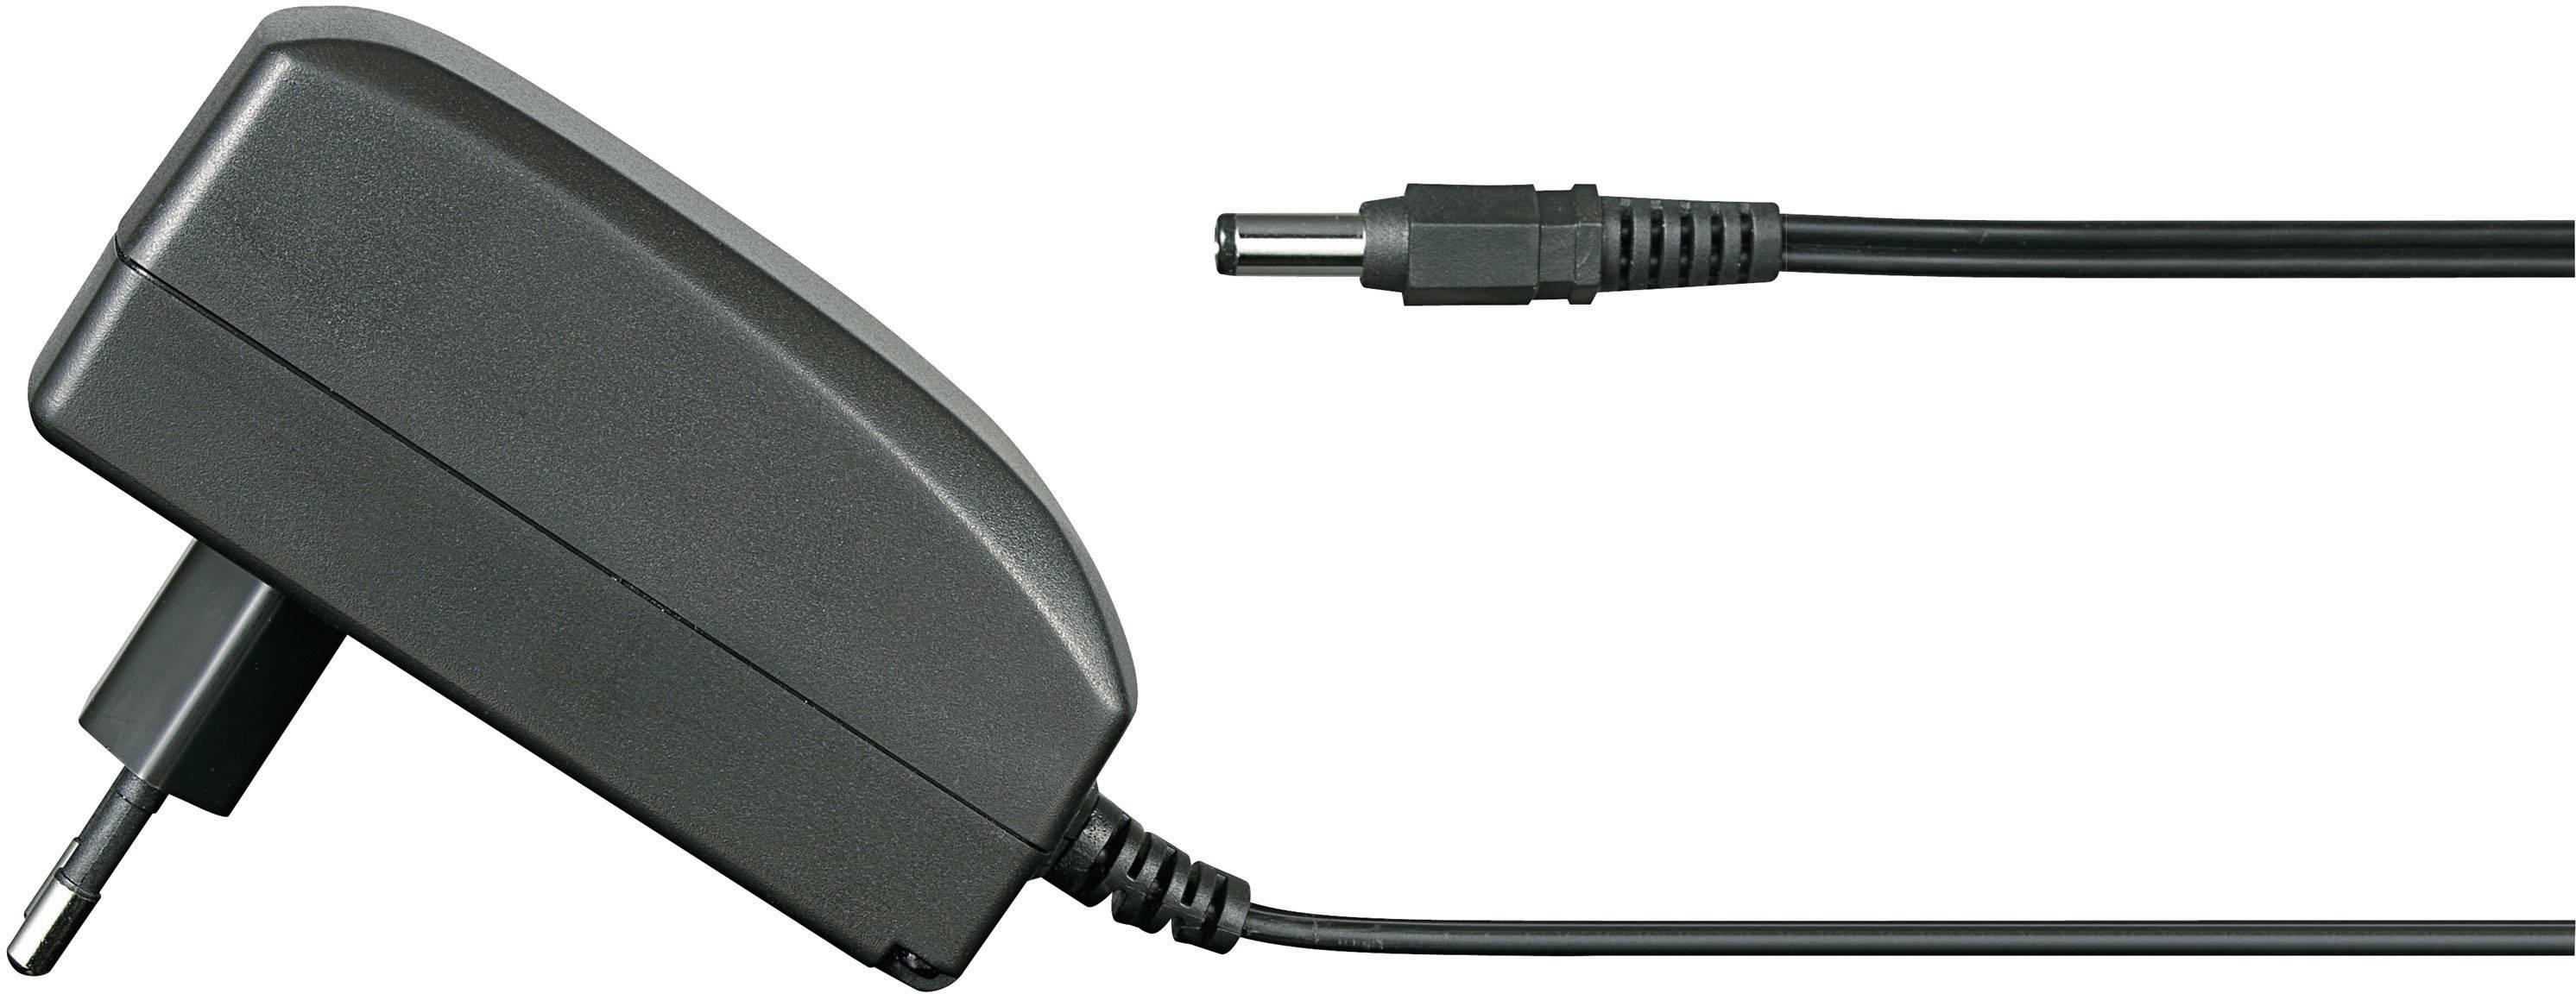 Zásuvkový adaptér so stálym napätím VOLTCRAFT FPPS 5-12W, 12 W, 2250 mA